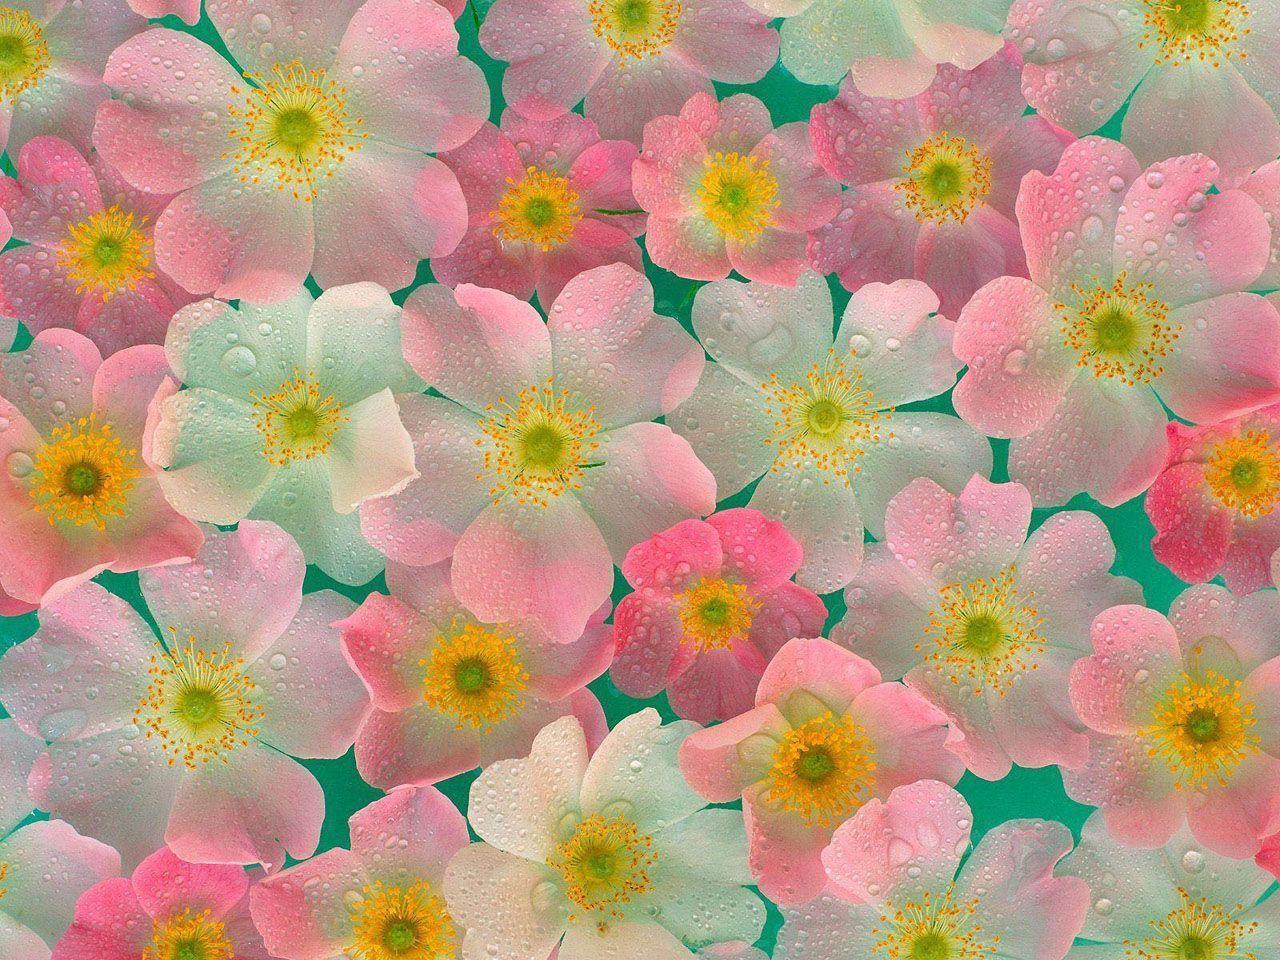 Hình nền hoa đẹp 1280x960 cho máy tính để bàn của bạn